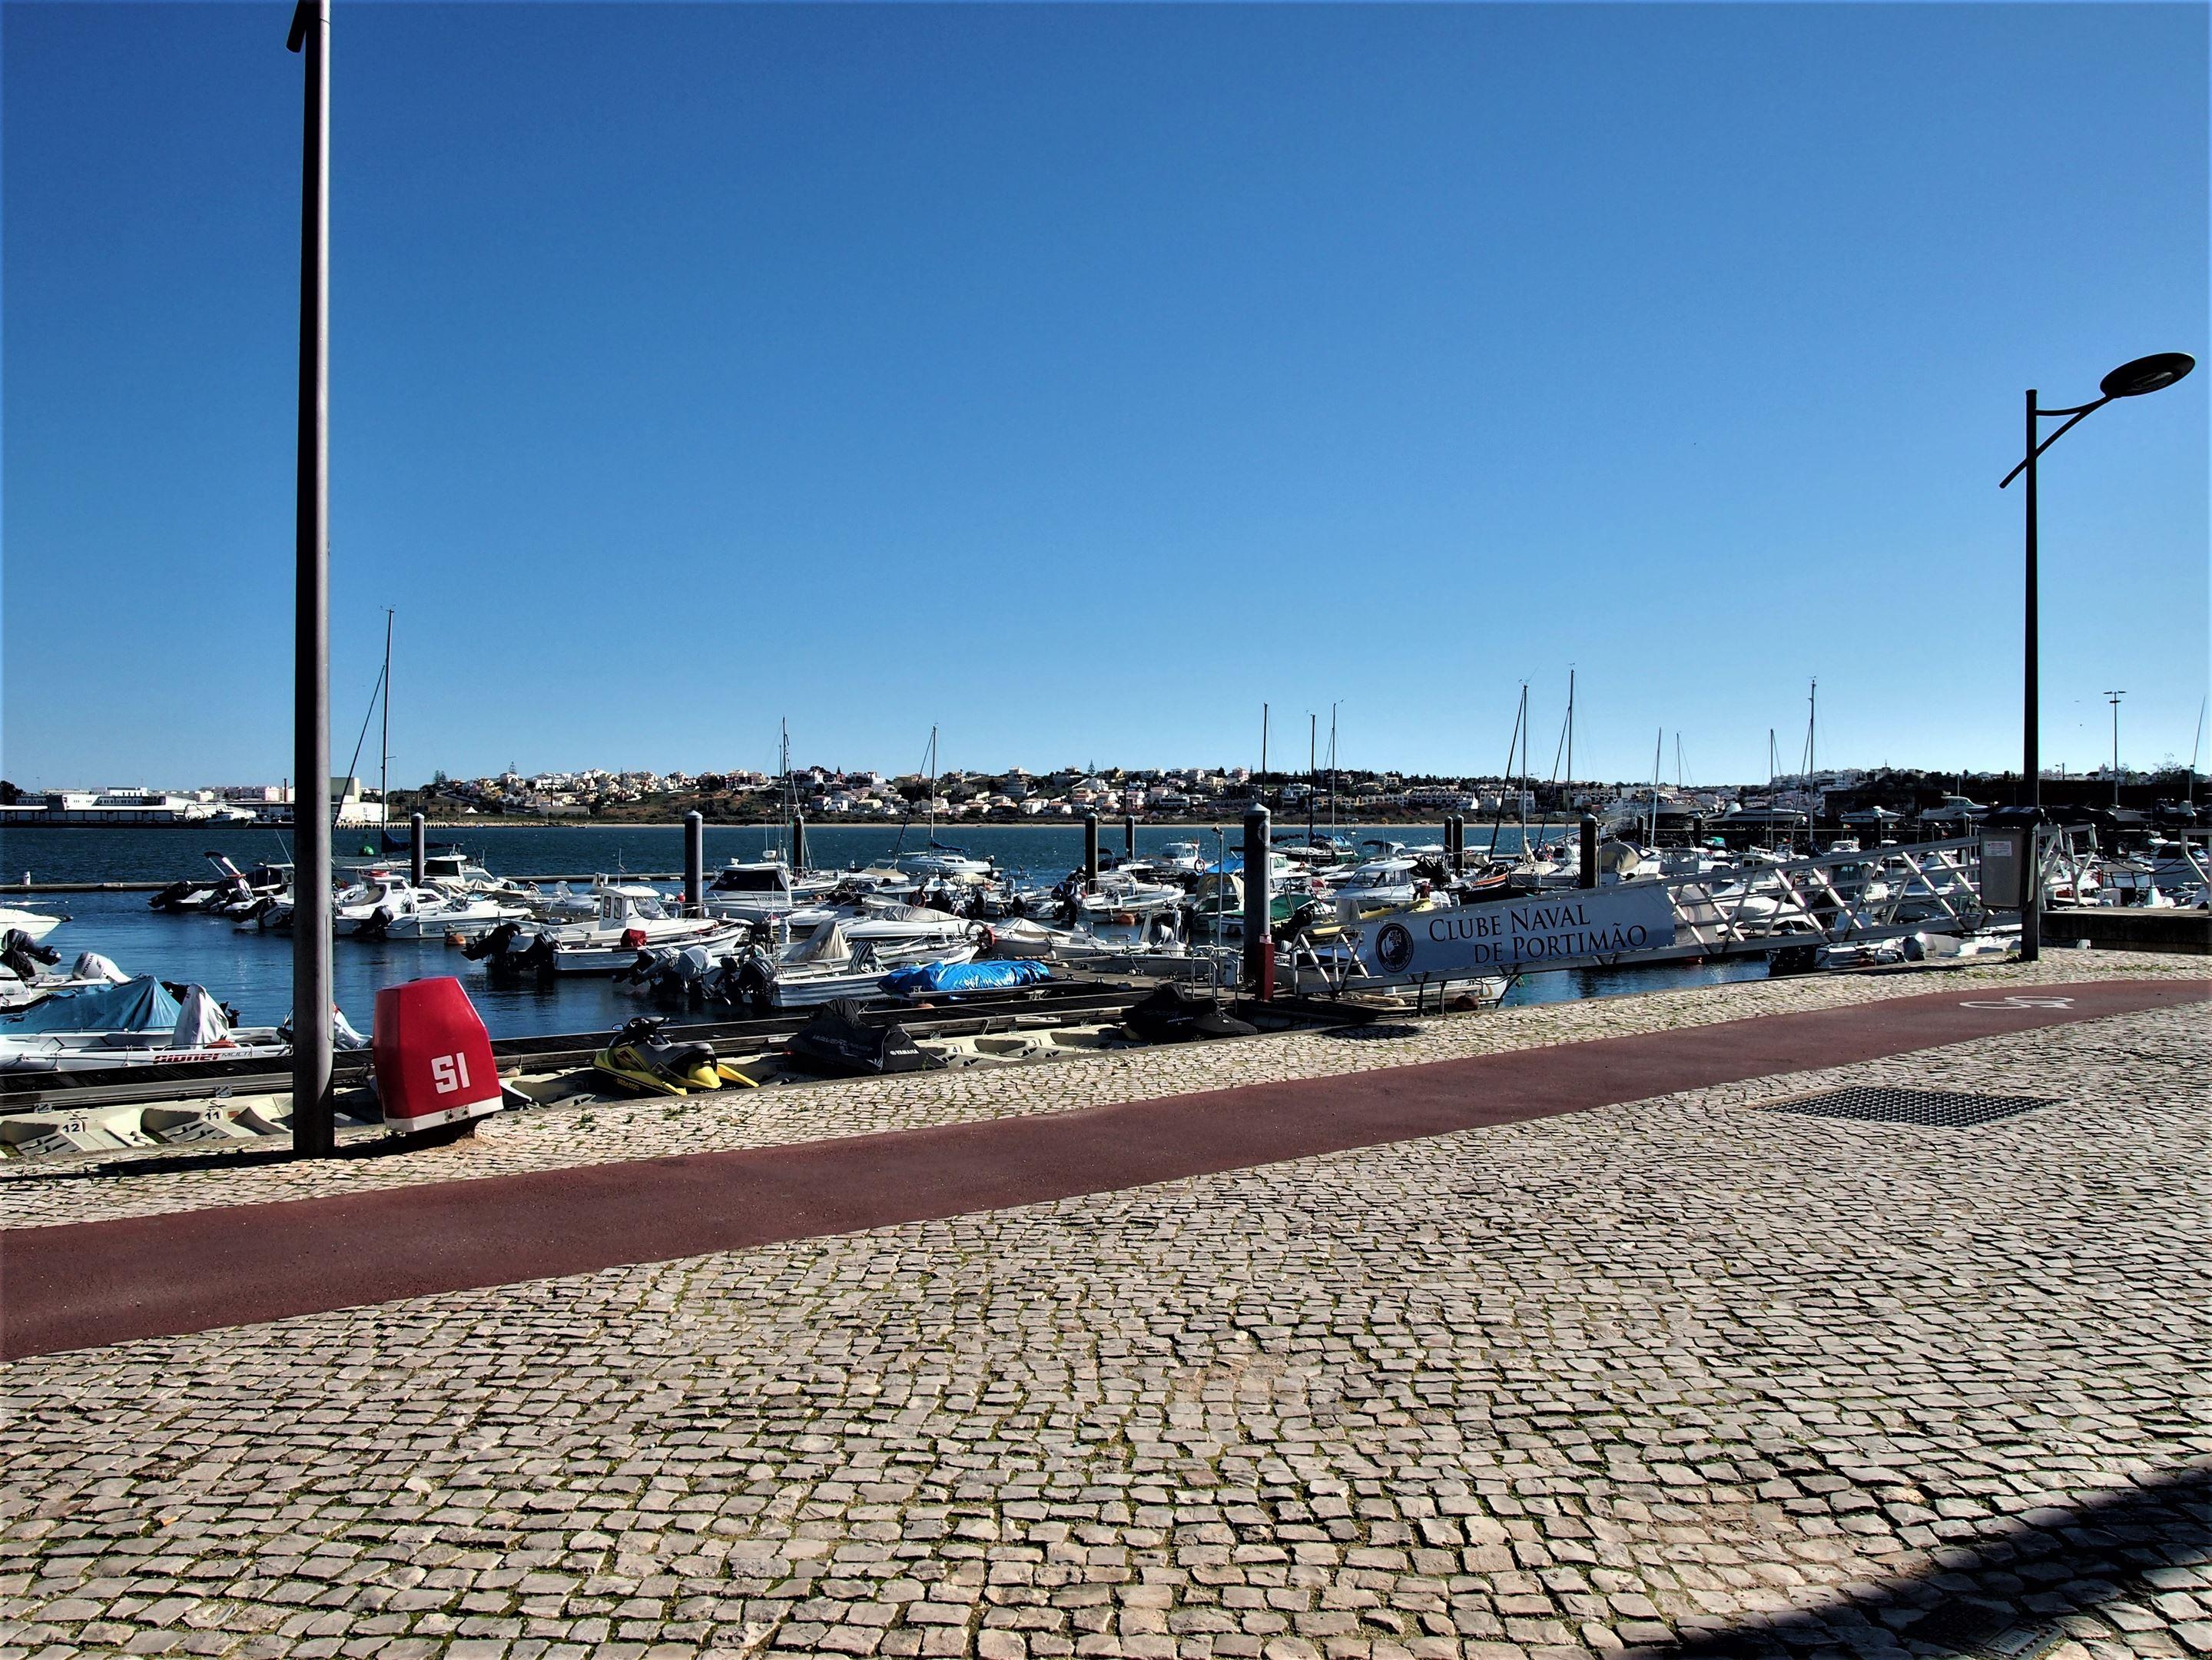 The Clube Naval de Portimao